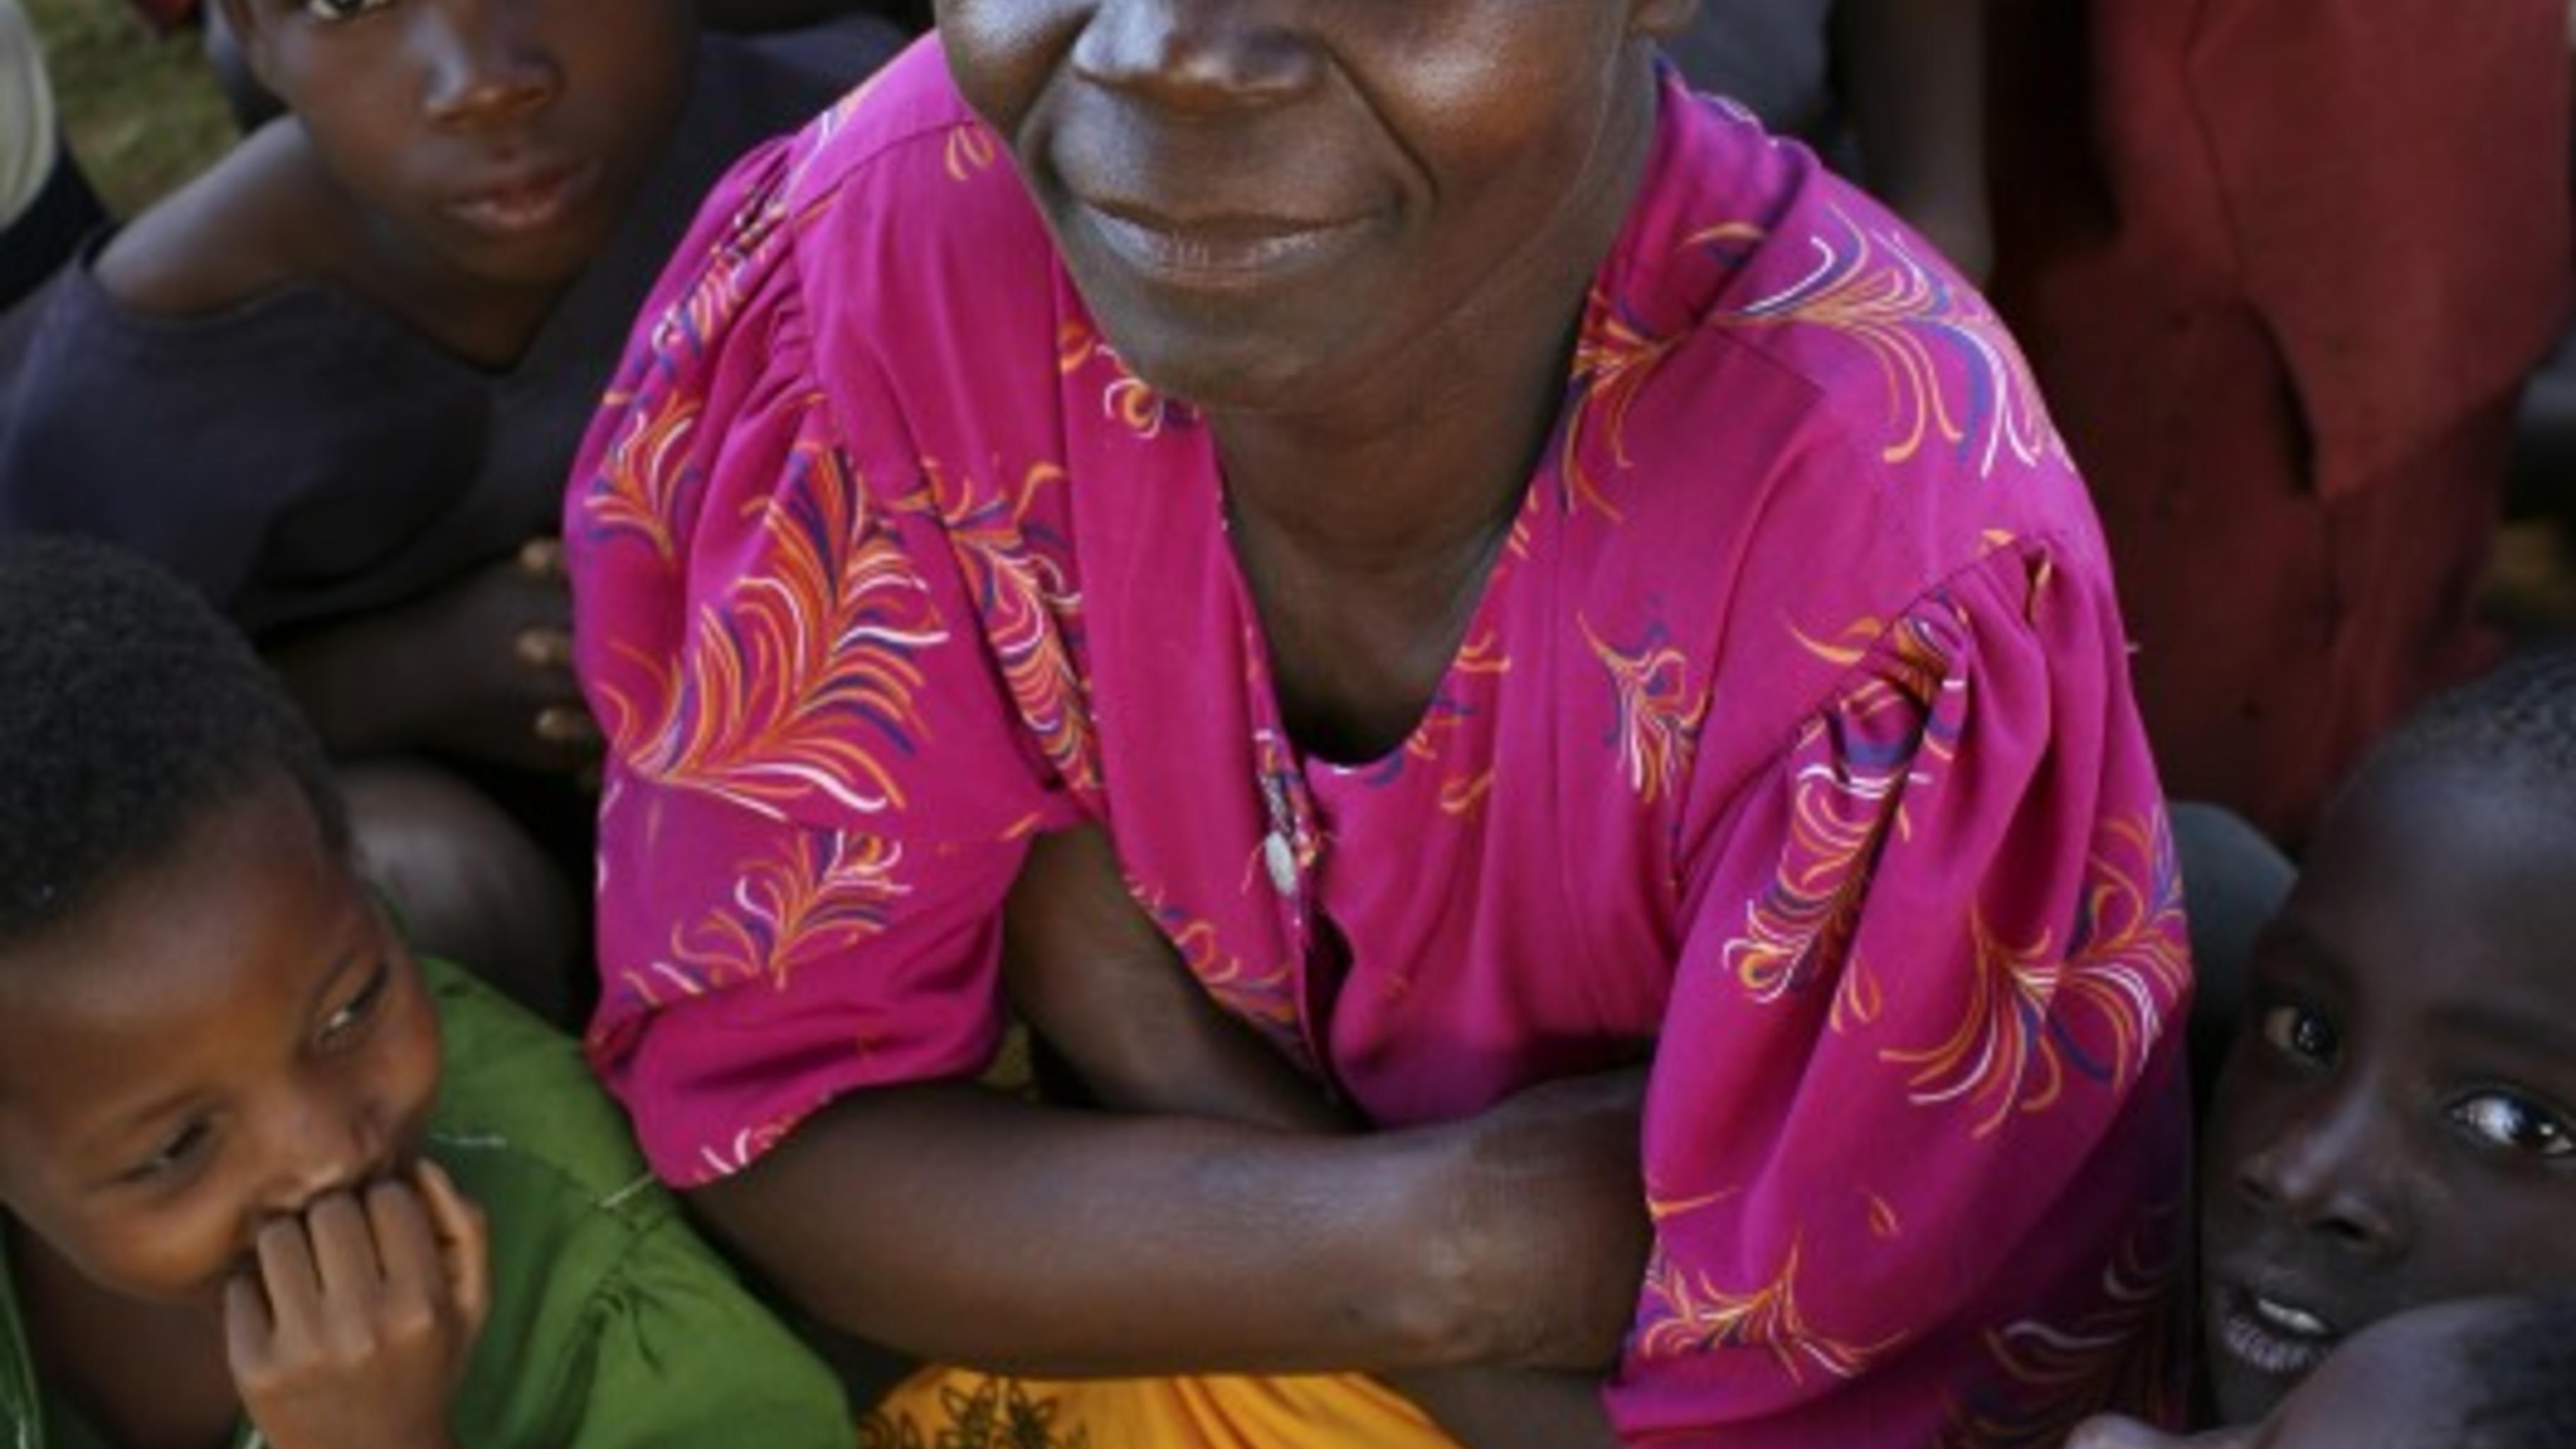 Estela Njolo hat fünf Kinder. Deren Schulbesuch hängt von einer erfolgreichen Ma